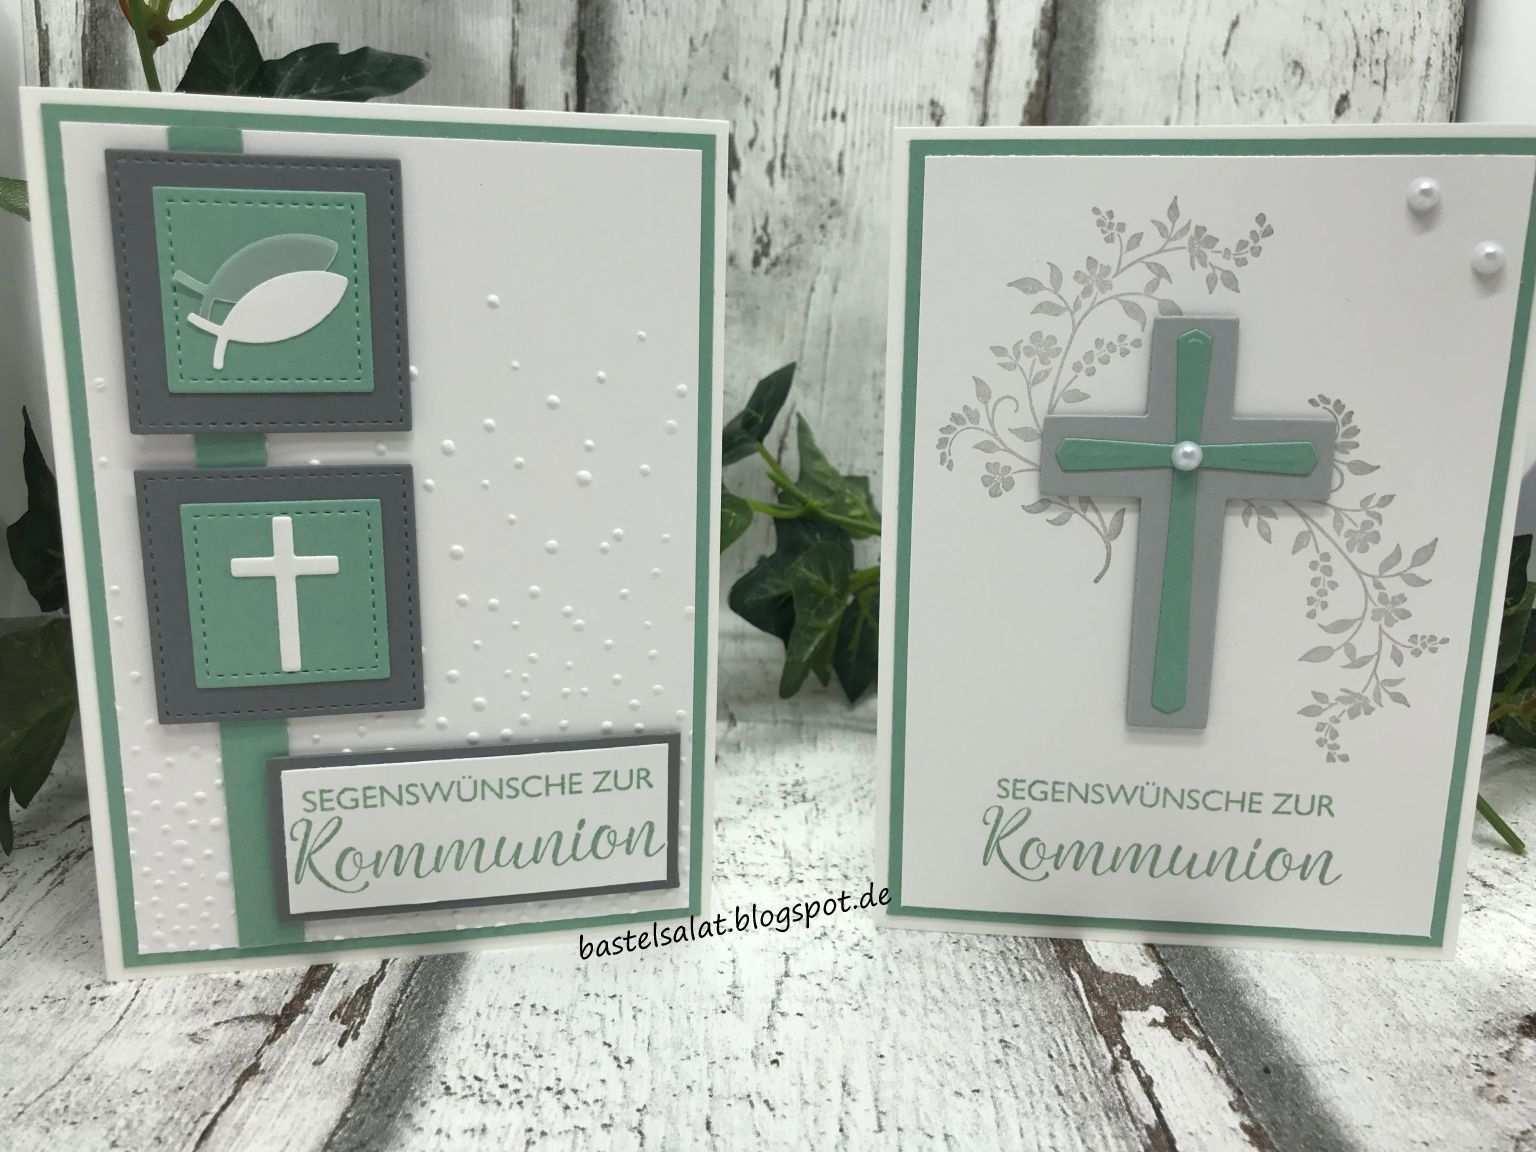 Gluckwunsche Zur Kommunion Gluckwunschkarte Karten Kommunion Kommunion